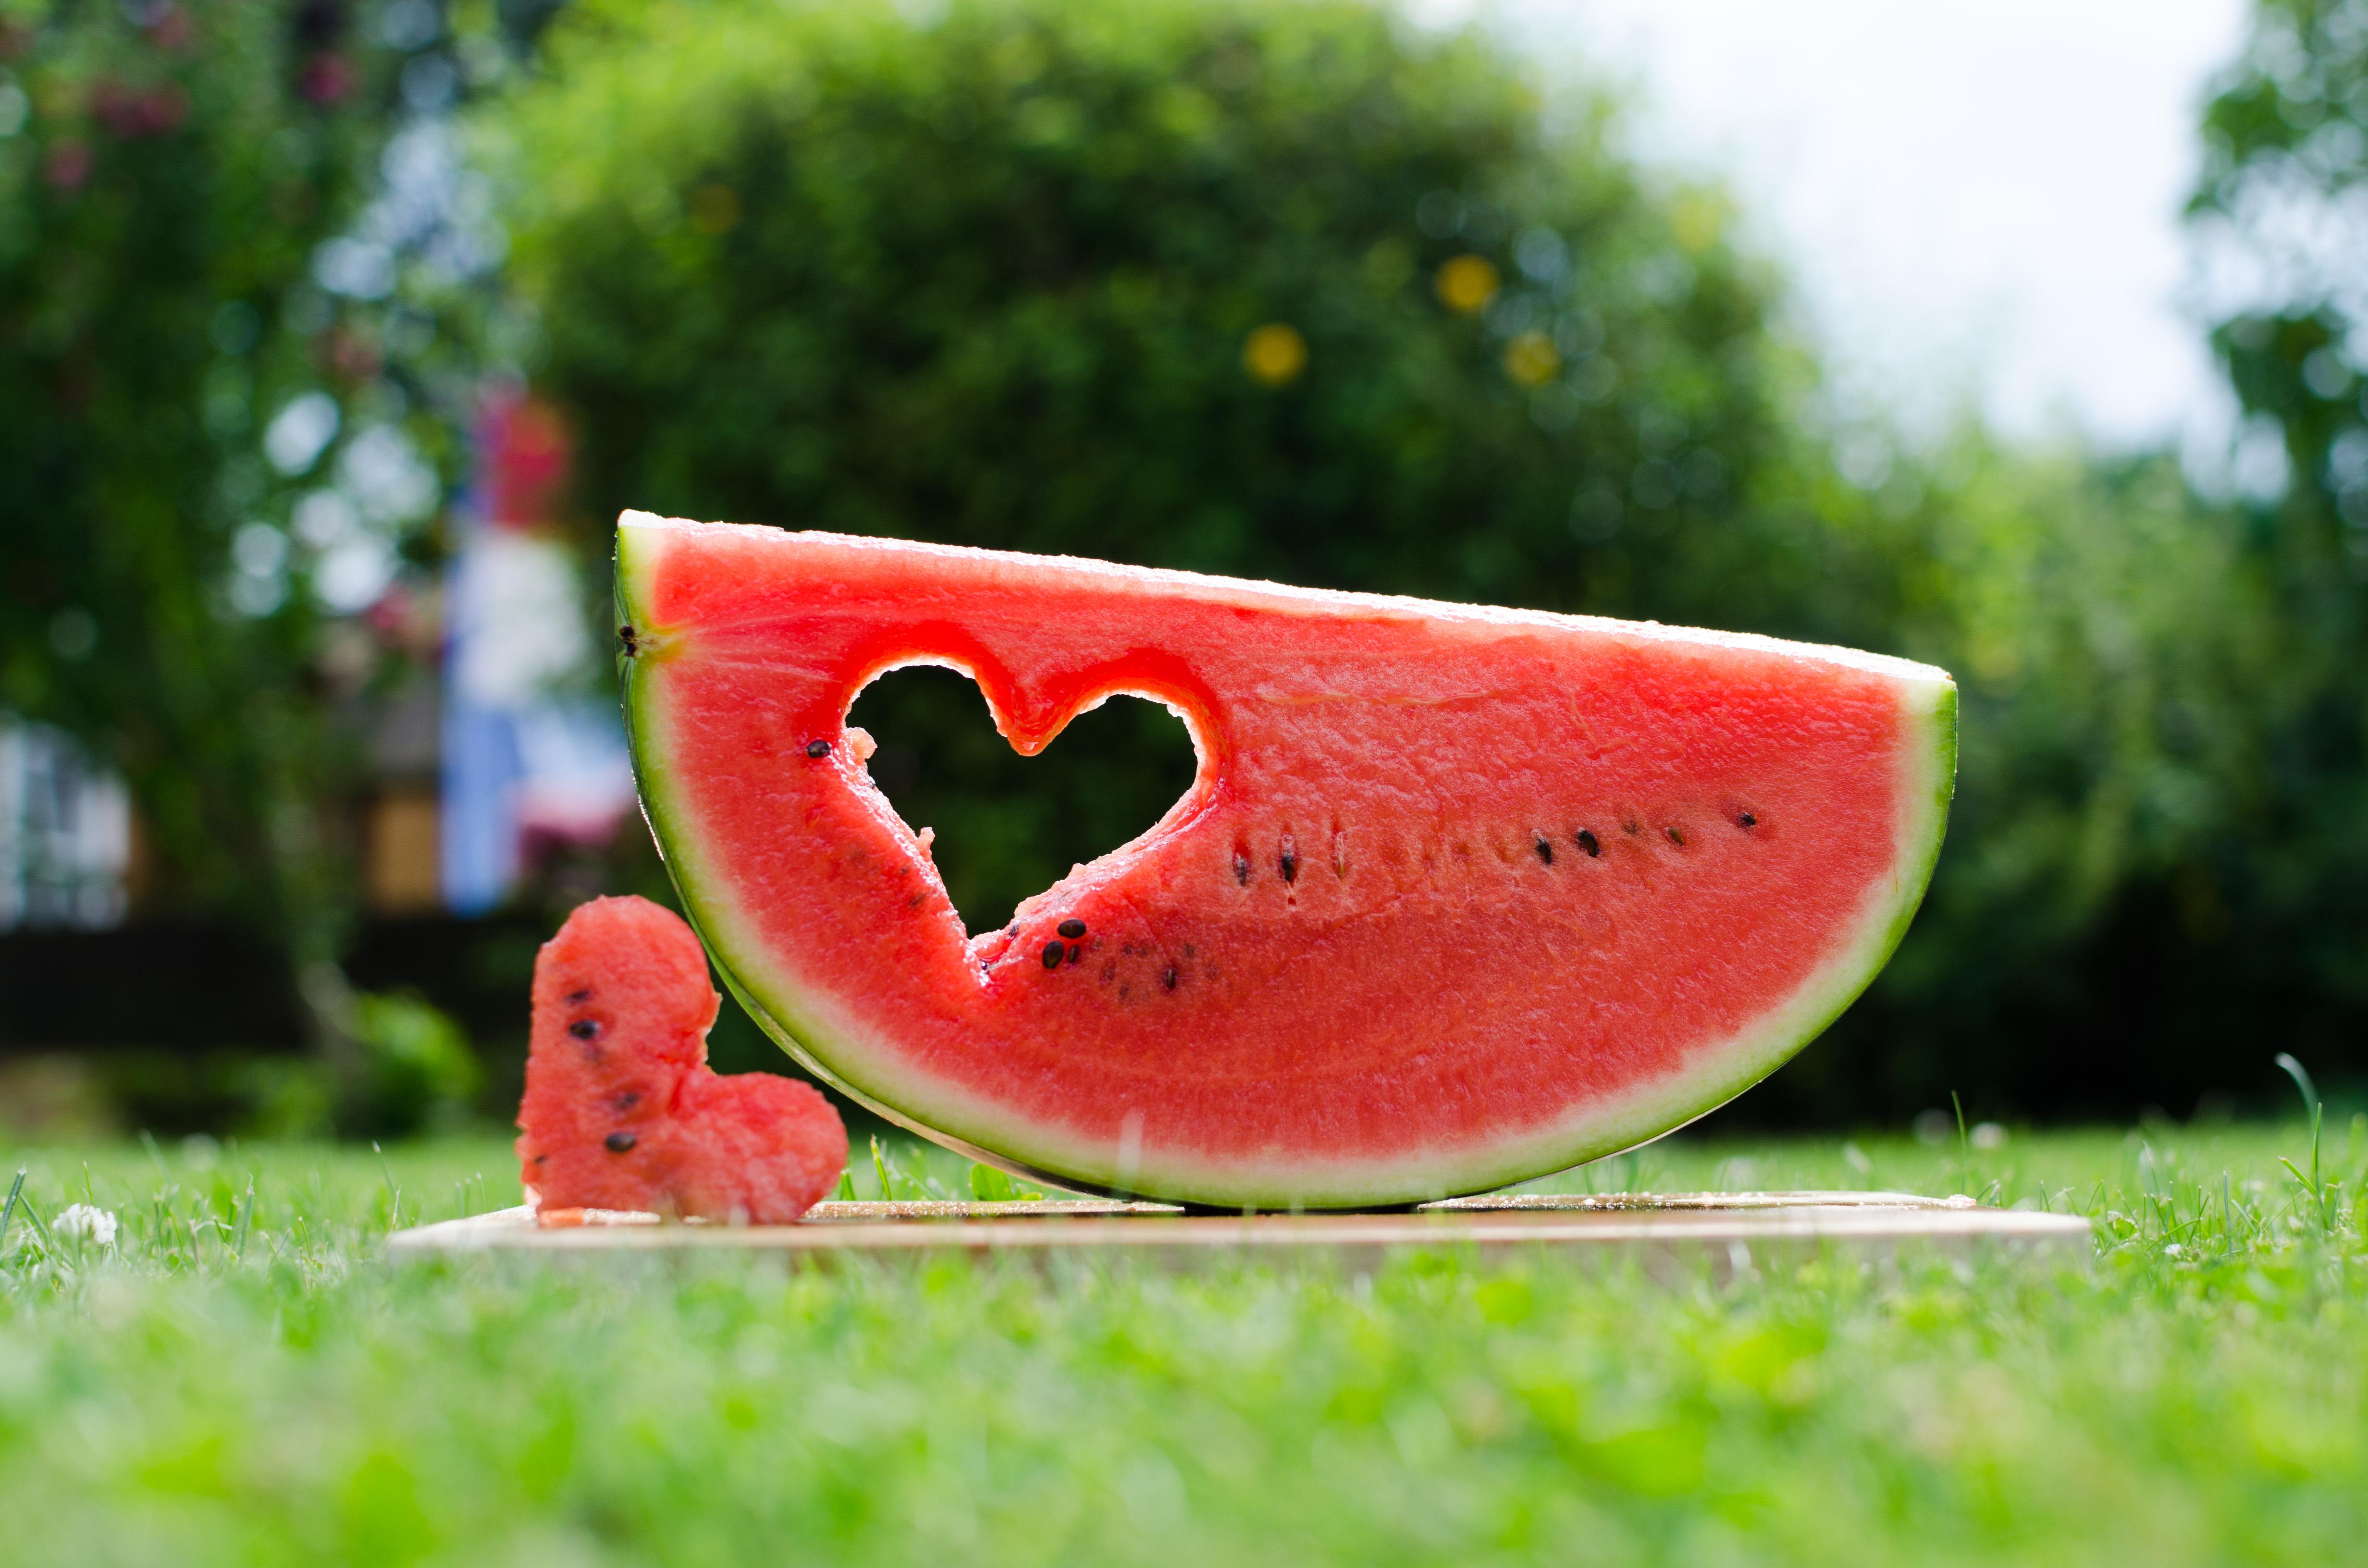 126885 économiseurs d'écran et fonds d'écran Nourriture sur votre téléphone. Téléchargez Nourriture, Le Fruit, Fruit, Cœur, Un Cœur, Pastèque images gratuitement